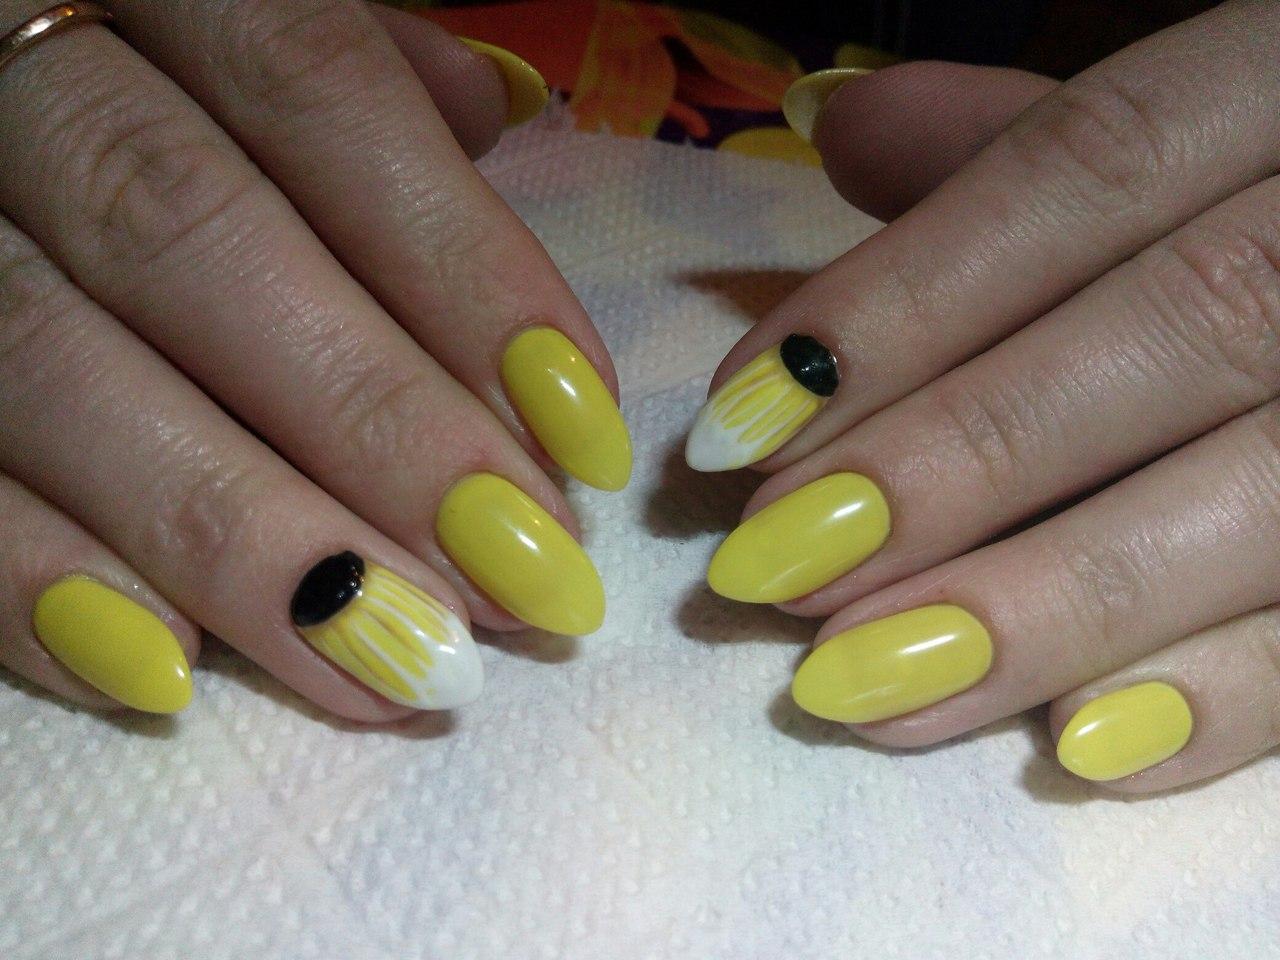 Summer long nails - The Best Images | BestArtNails.com